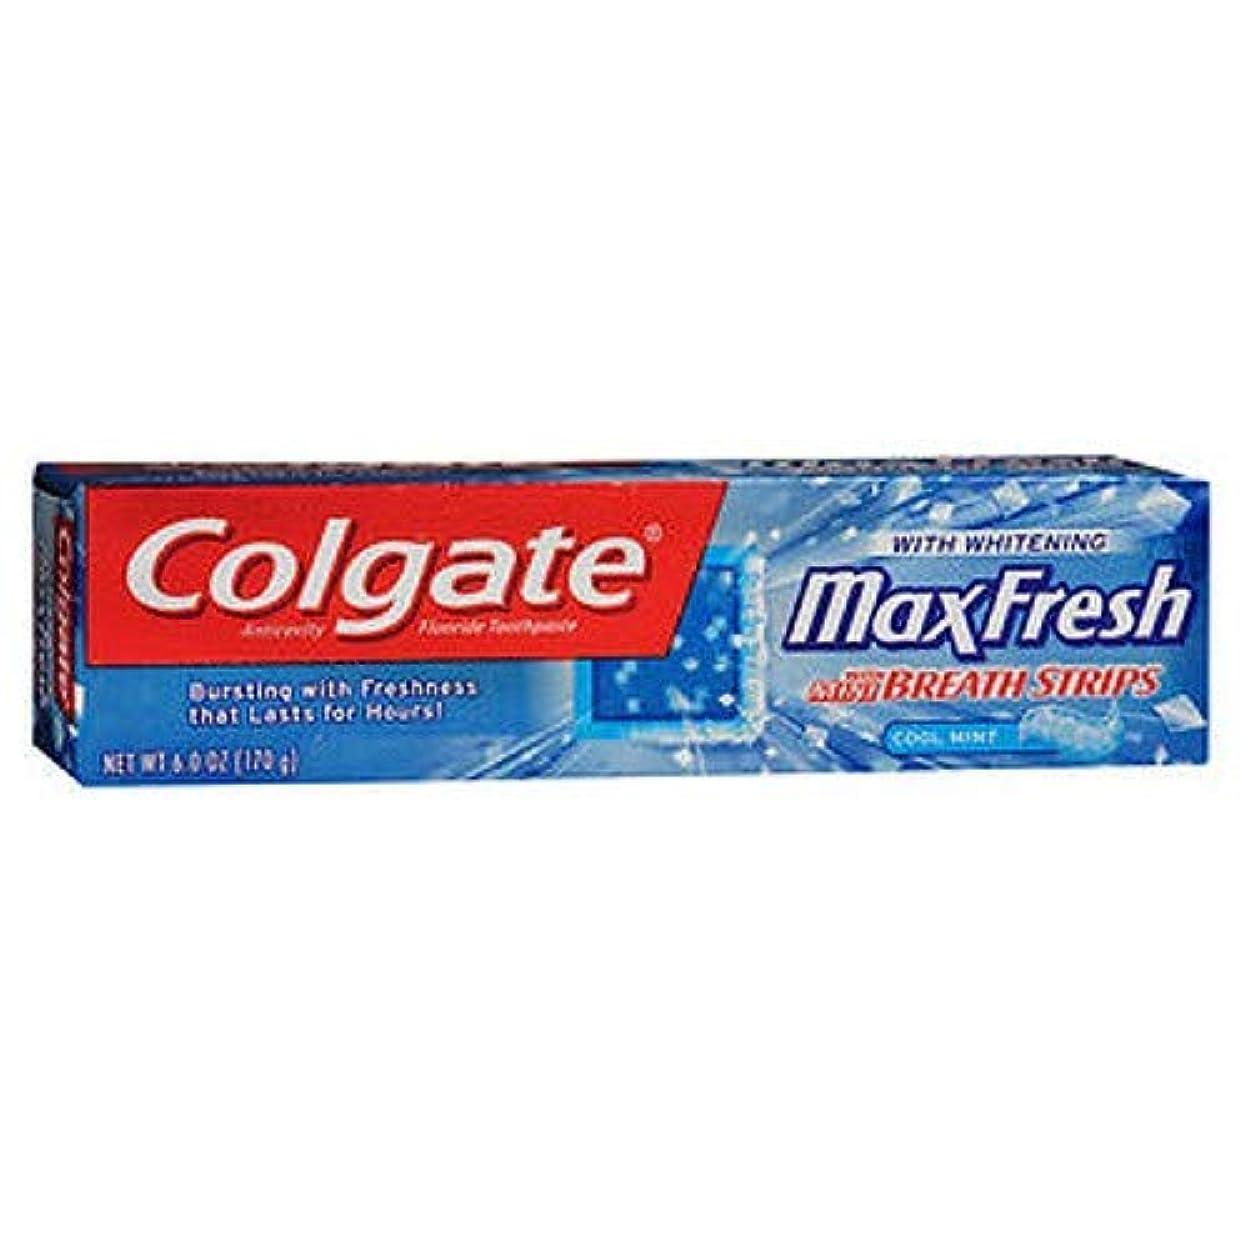 閃光定説実質的にColgate マックス新鮮なハミガキミニブレスストリップ,ミント&#44クール。 6オズ。